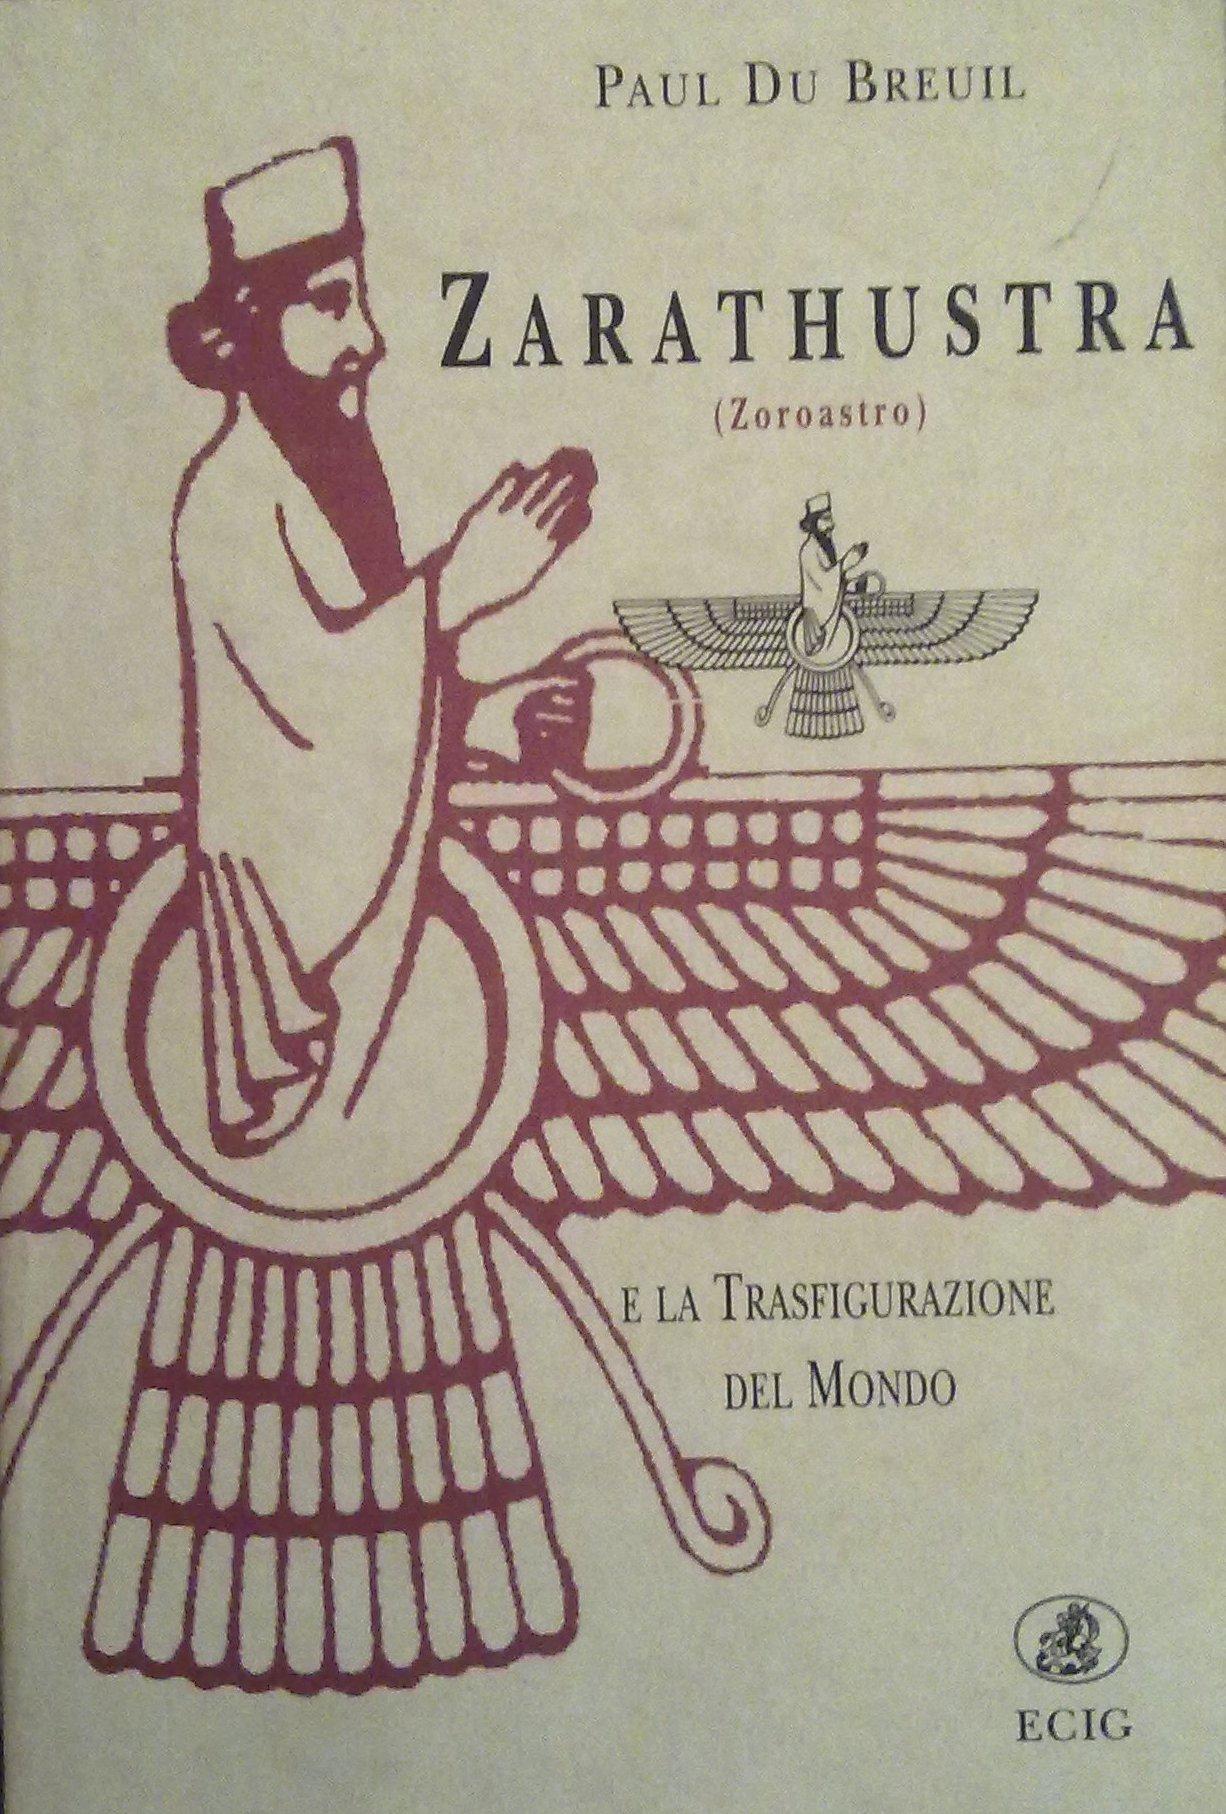 Zarathustra (Zoroastro) e la trasfigurazione del mondo